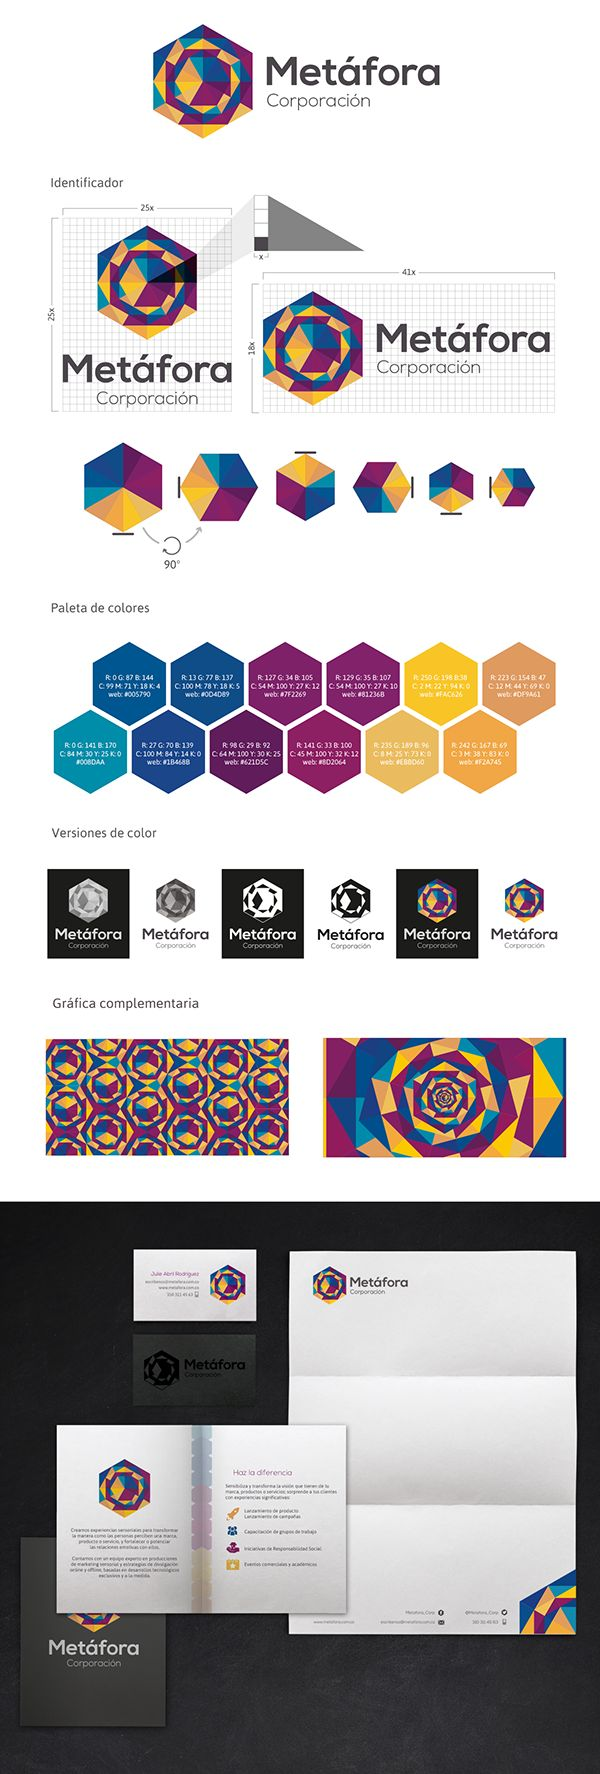 Metáfora llega como un nuevo proyecto de branding a Montenegro, es una nueva empresa que está buscando un identificador que le ayude a posicionarse en el mercado como desarrolladora de marketing sensorial.